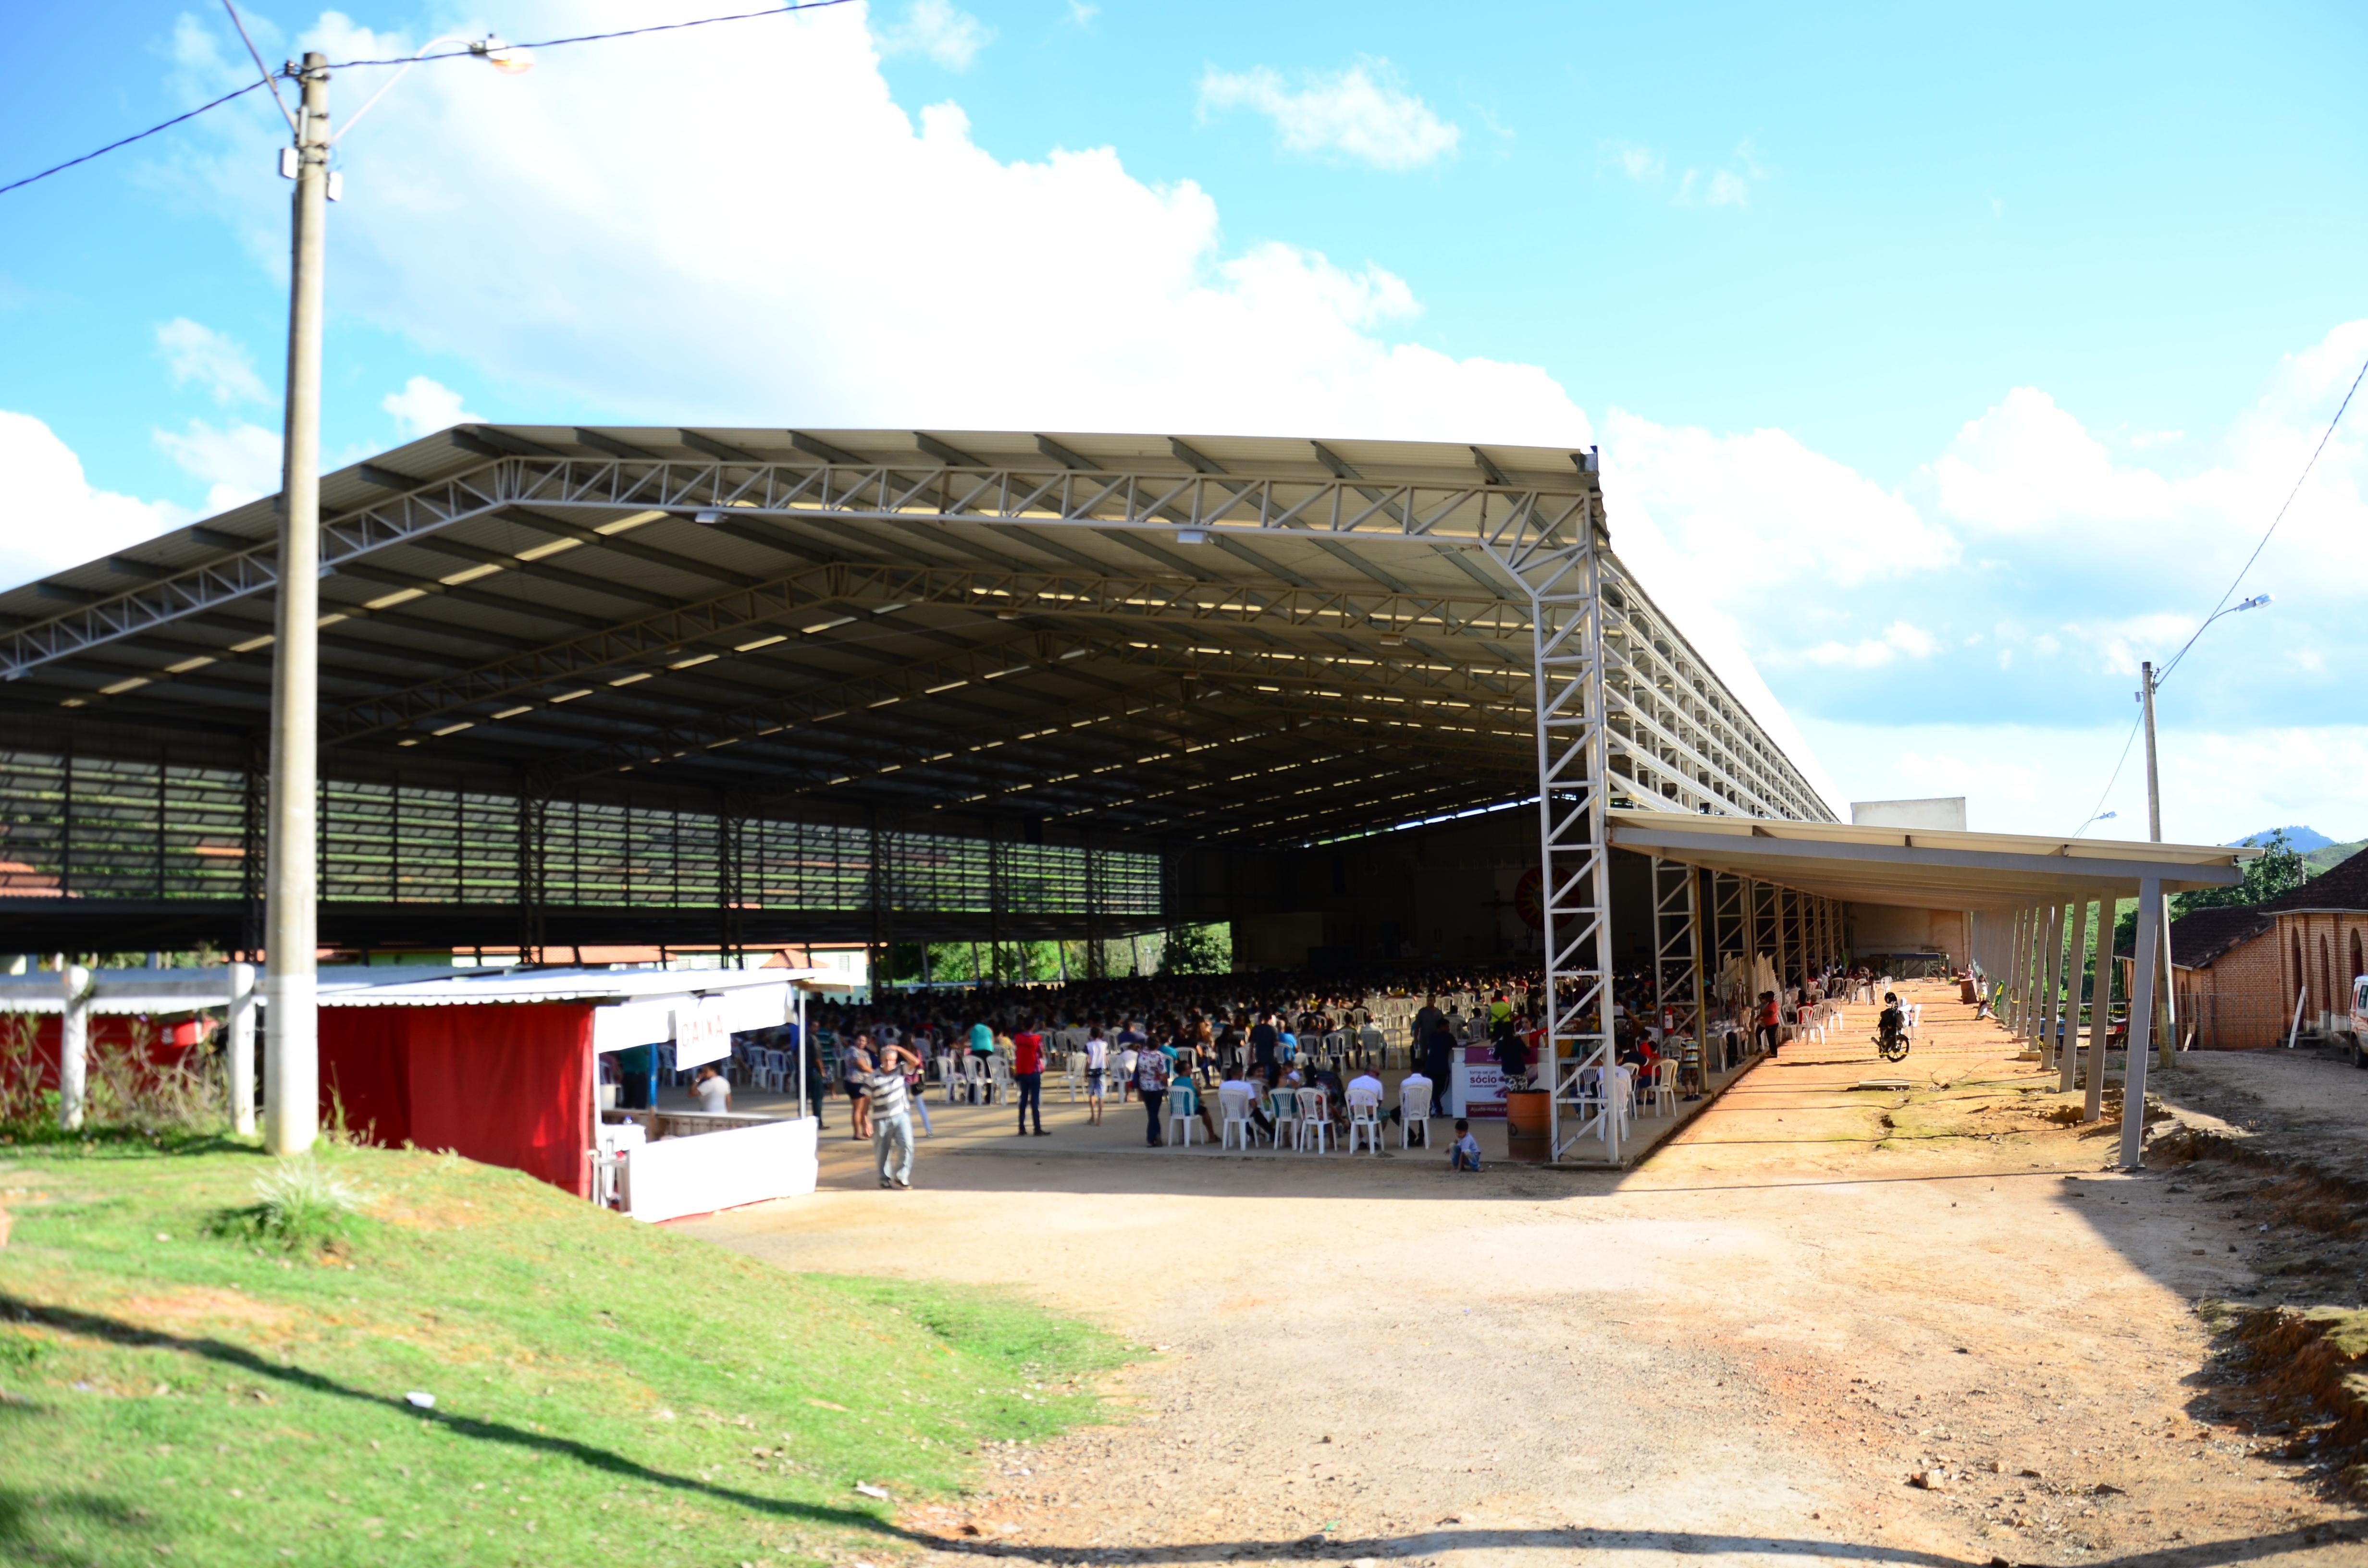 Inaugurado no dia 07 de abril de 2013, o galpão tem capacidade para receber 10 mil pessoas em pé e 5